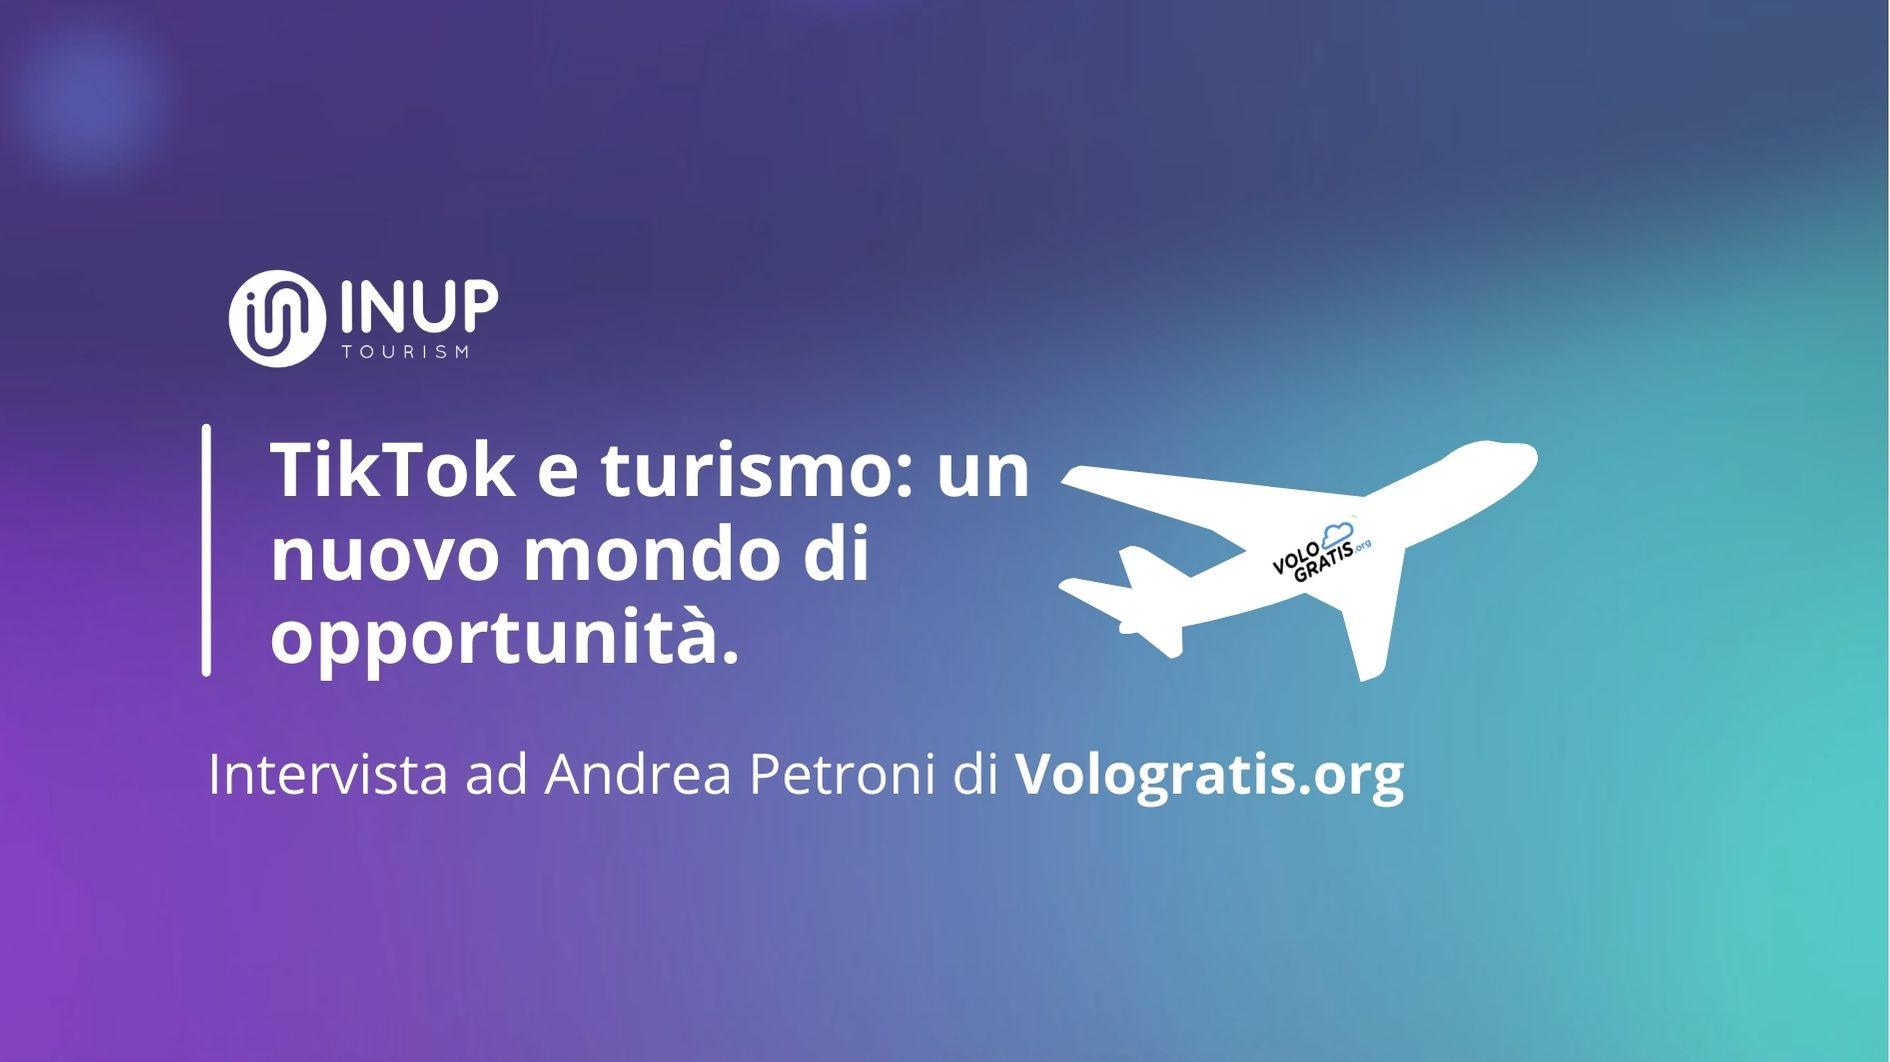 TikTok e turismo: un nuovo mondo di opportunità. Intervista ad Andrea Petroni.